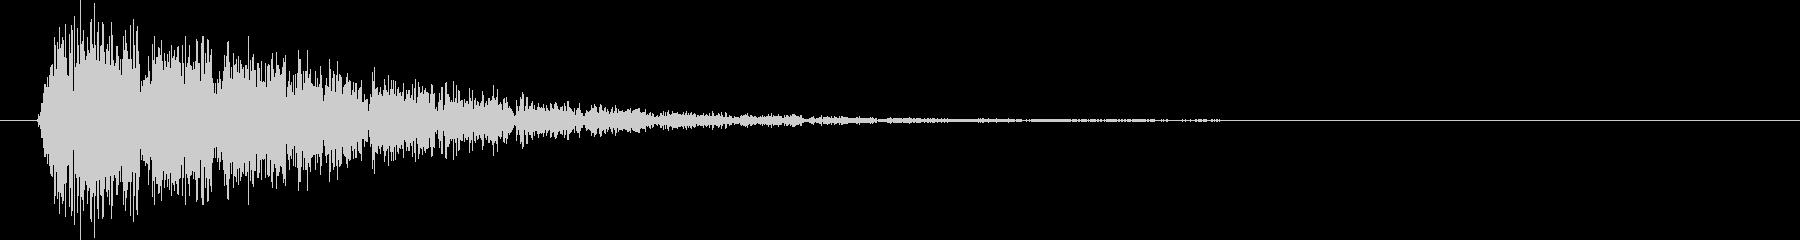 ドュパッーパーパーパー(衝撃波)の未再生の波形